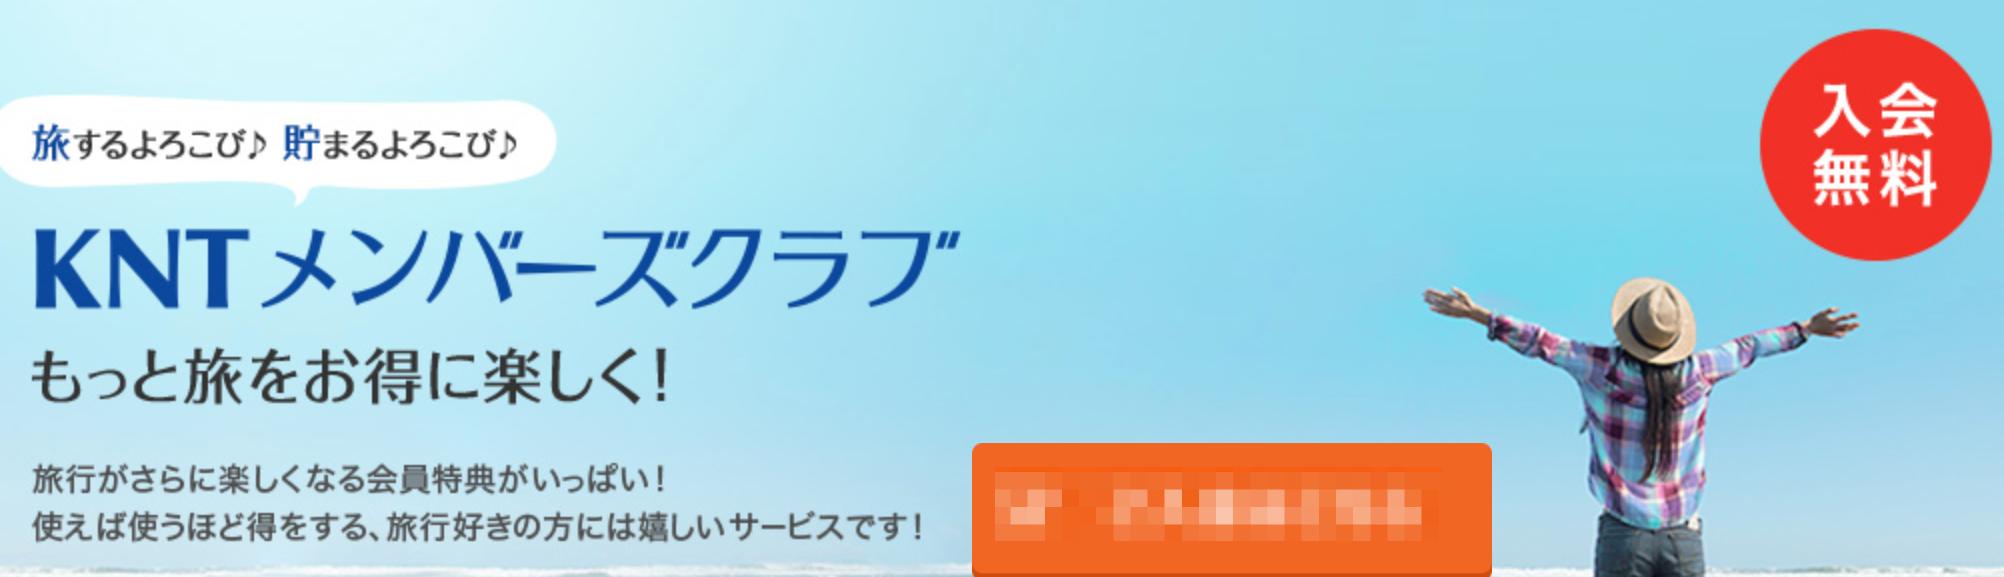 近畿日本ツーリストのポイント制度を受けるため会員登録を実施